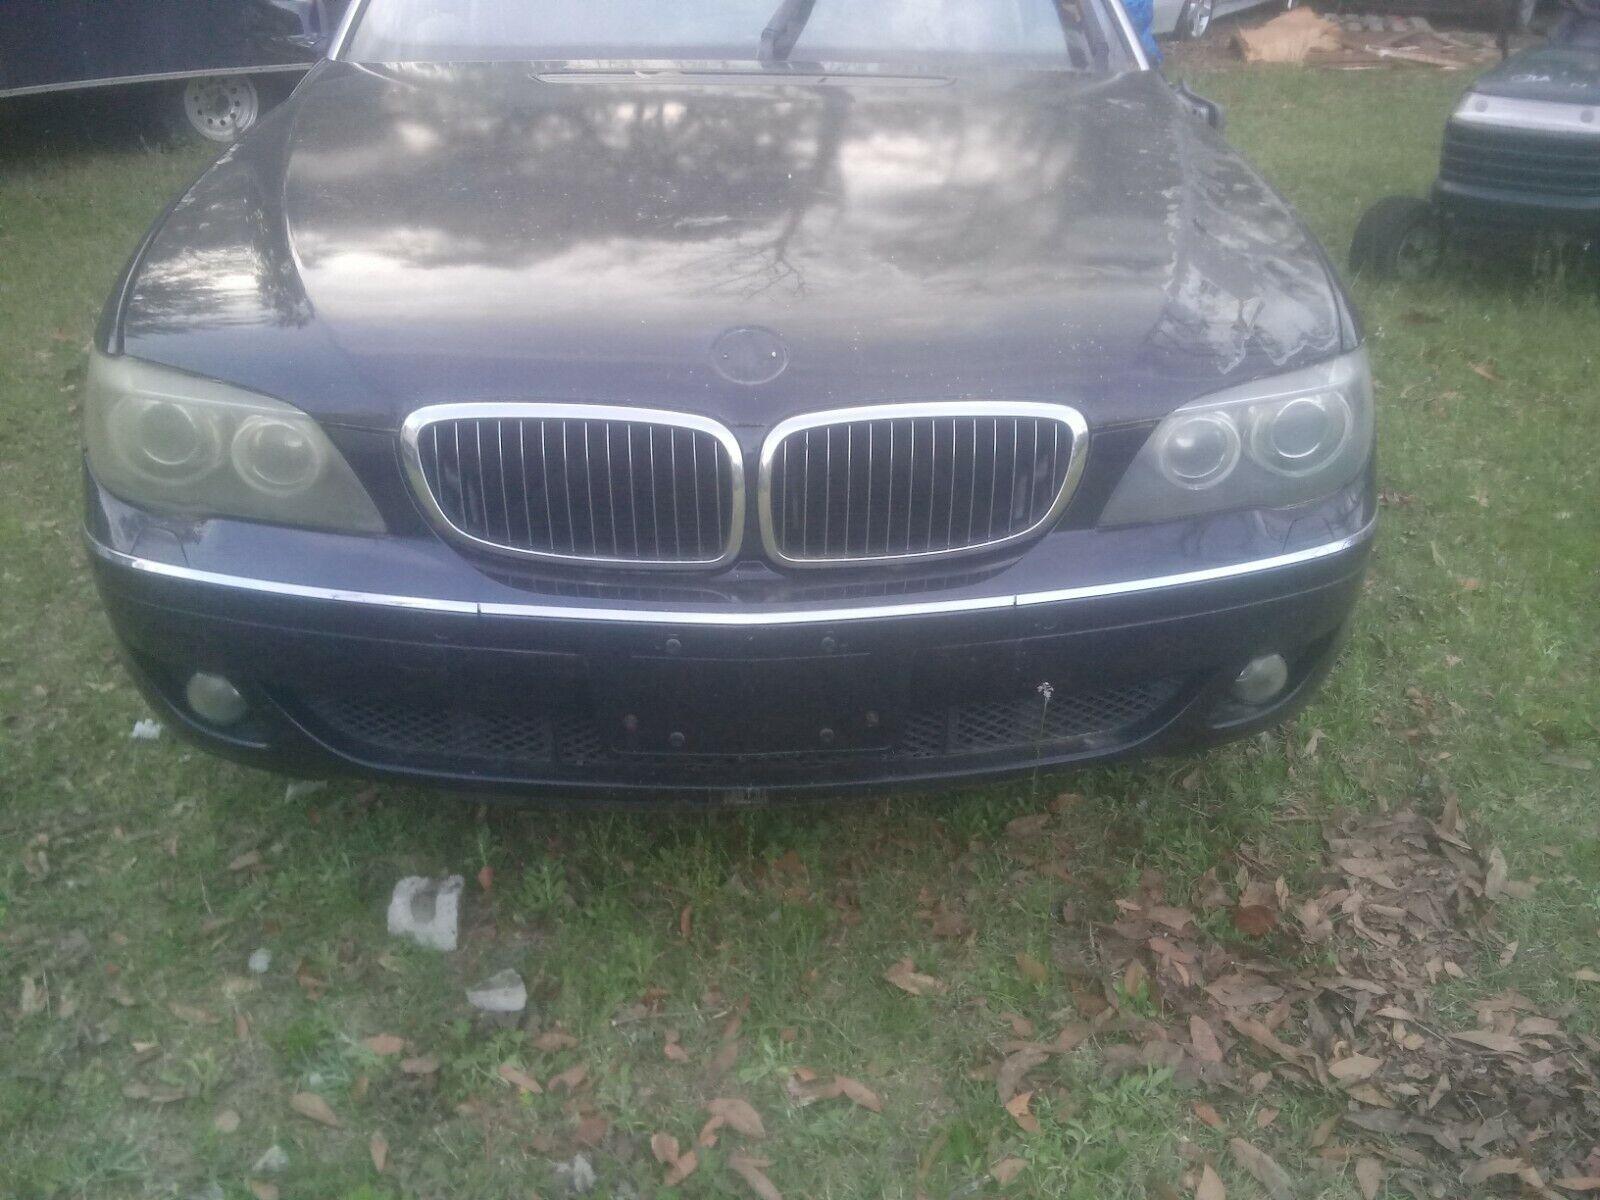 '06-08 BMW 750i iL E65 E66 Complete Front Bumper Cover w/Fog Lights, Dark Blue